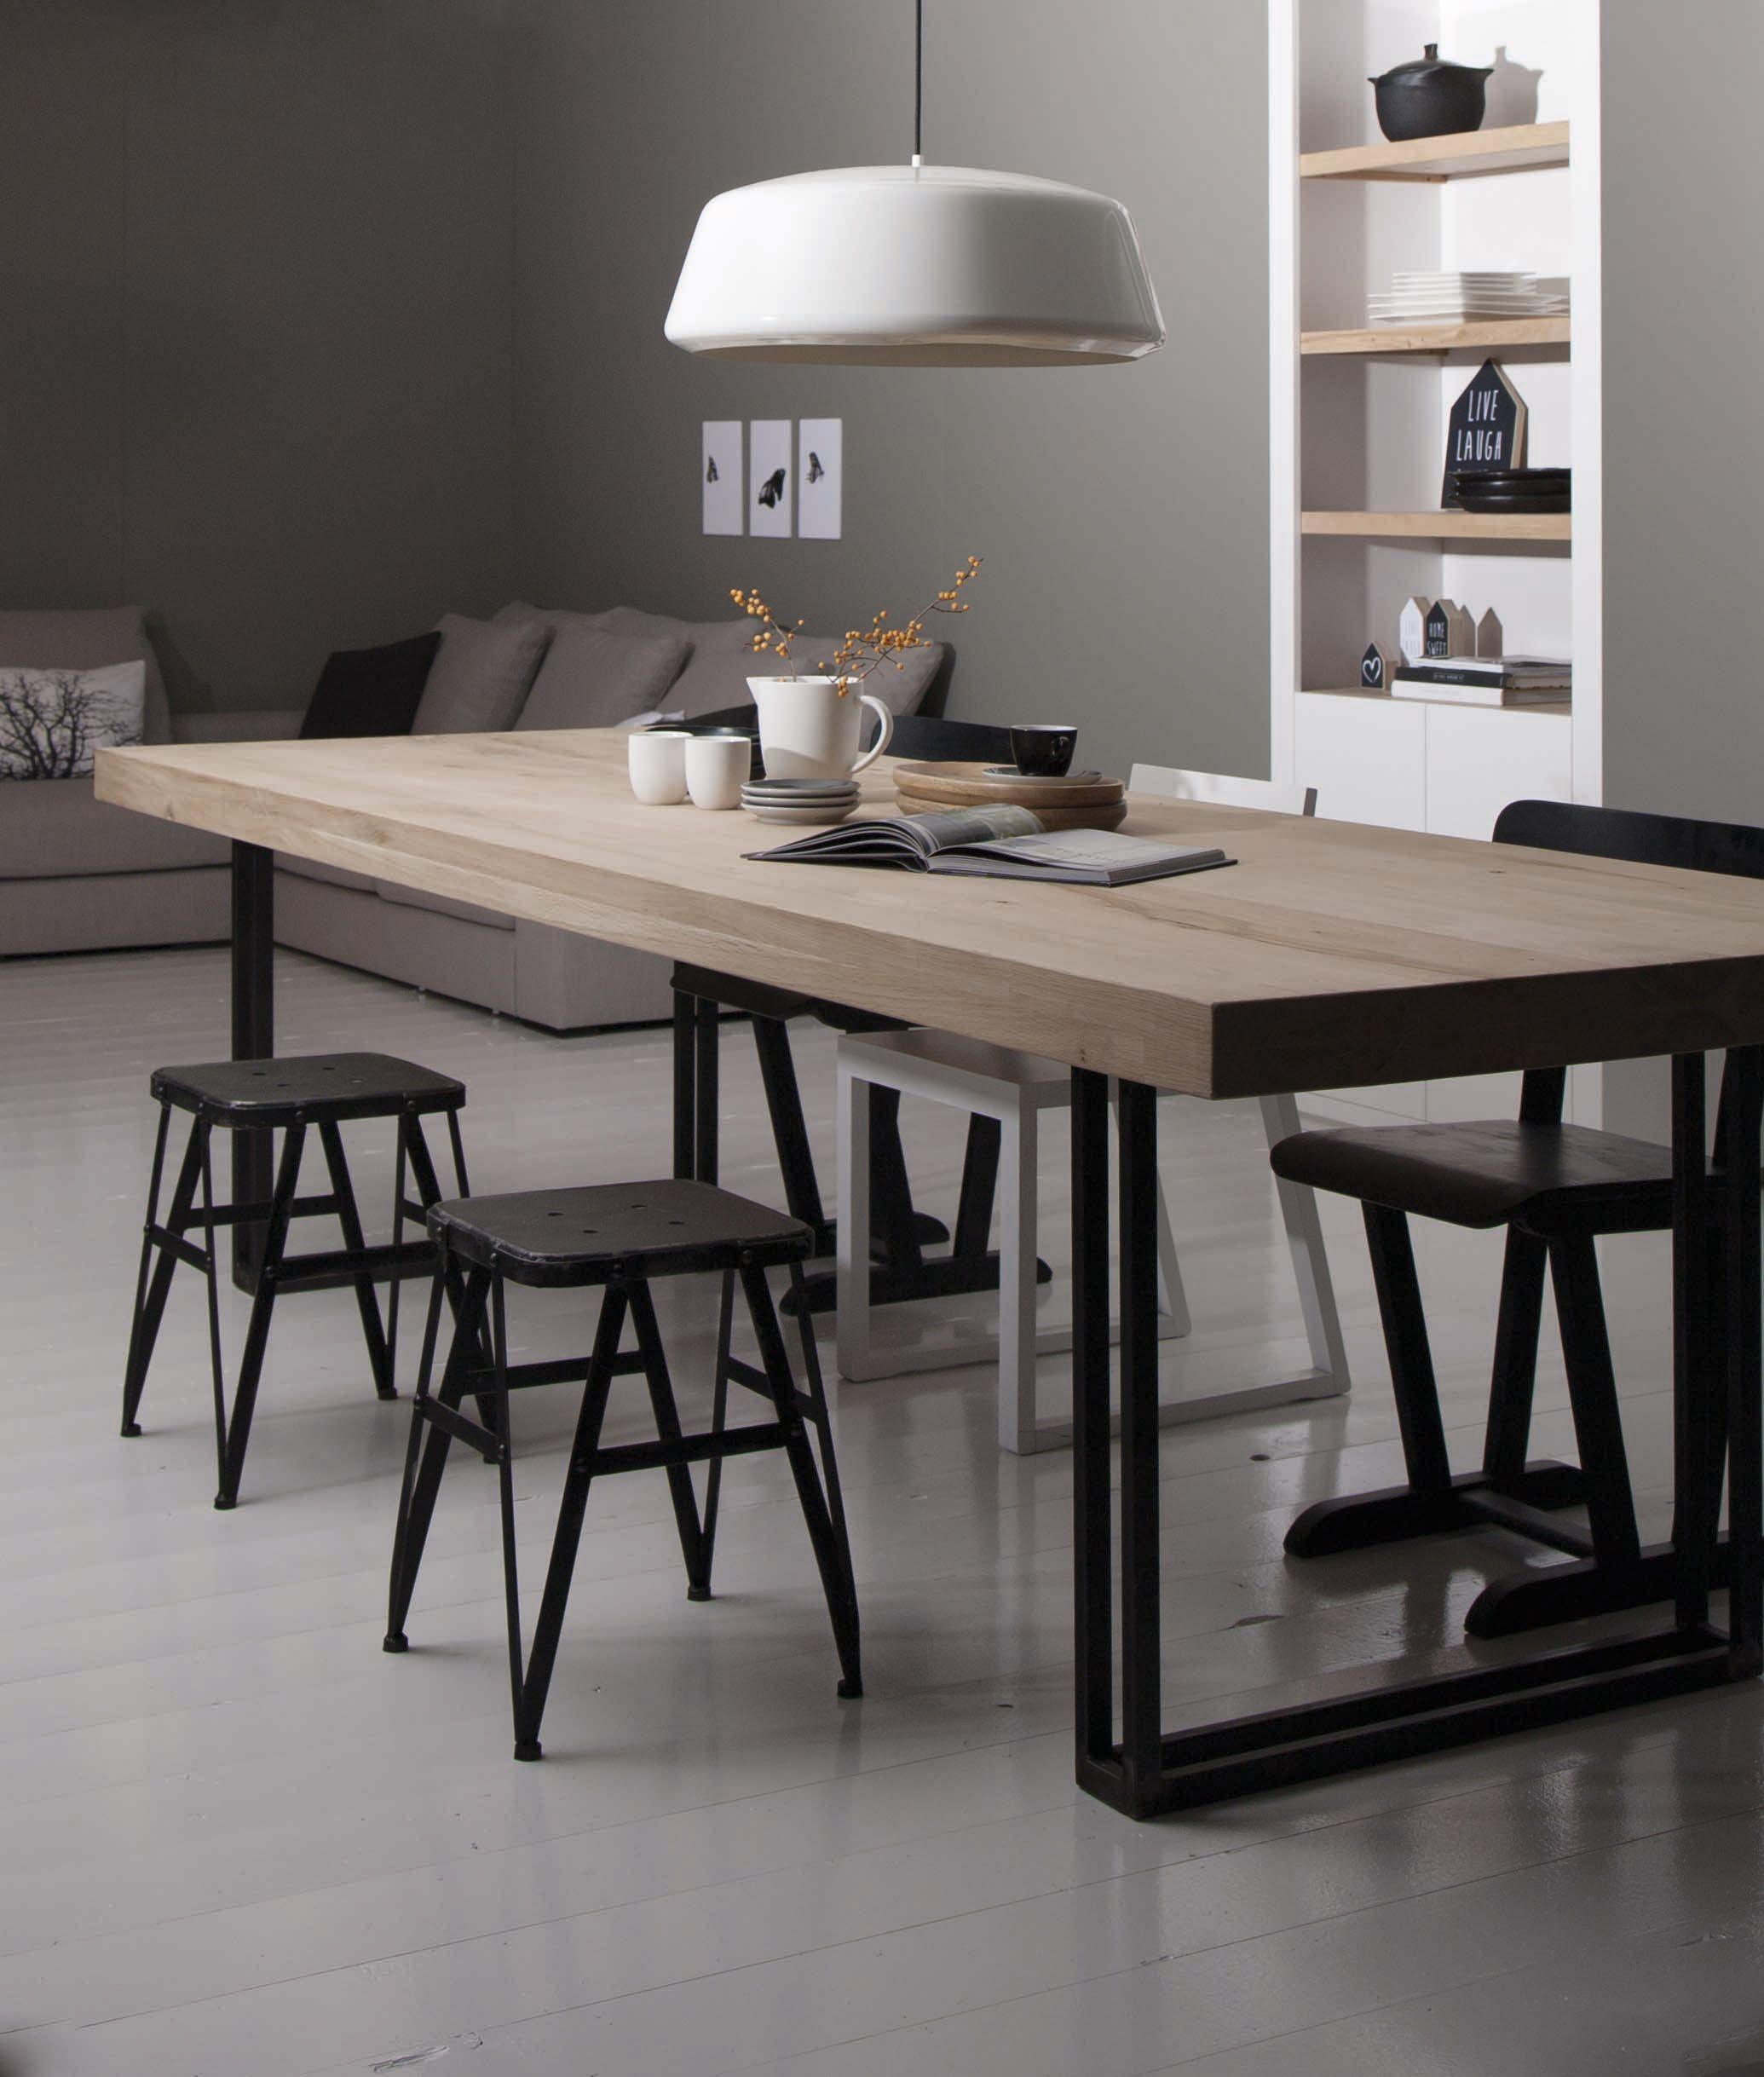 Verdant vision: Achille Salvagni's new furniture showcase ...